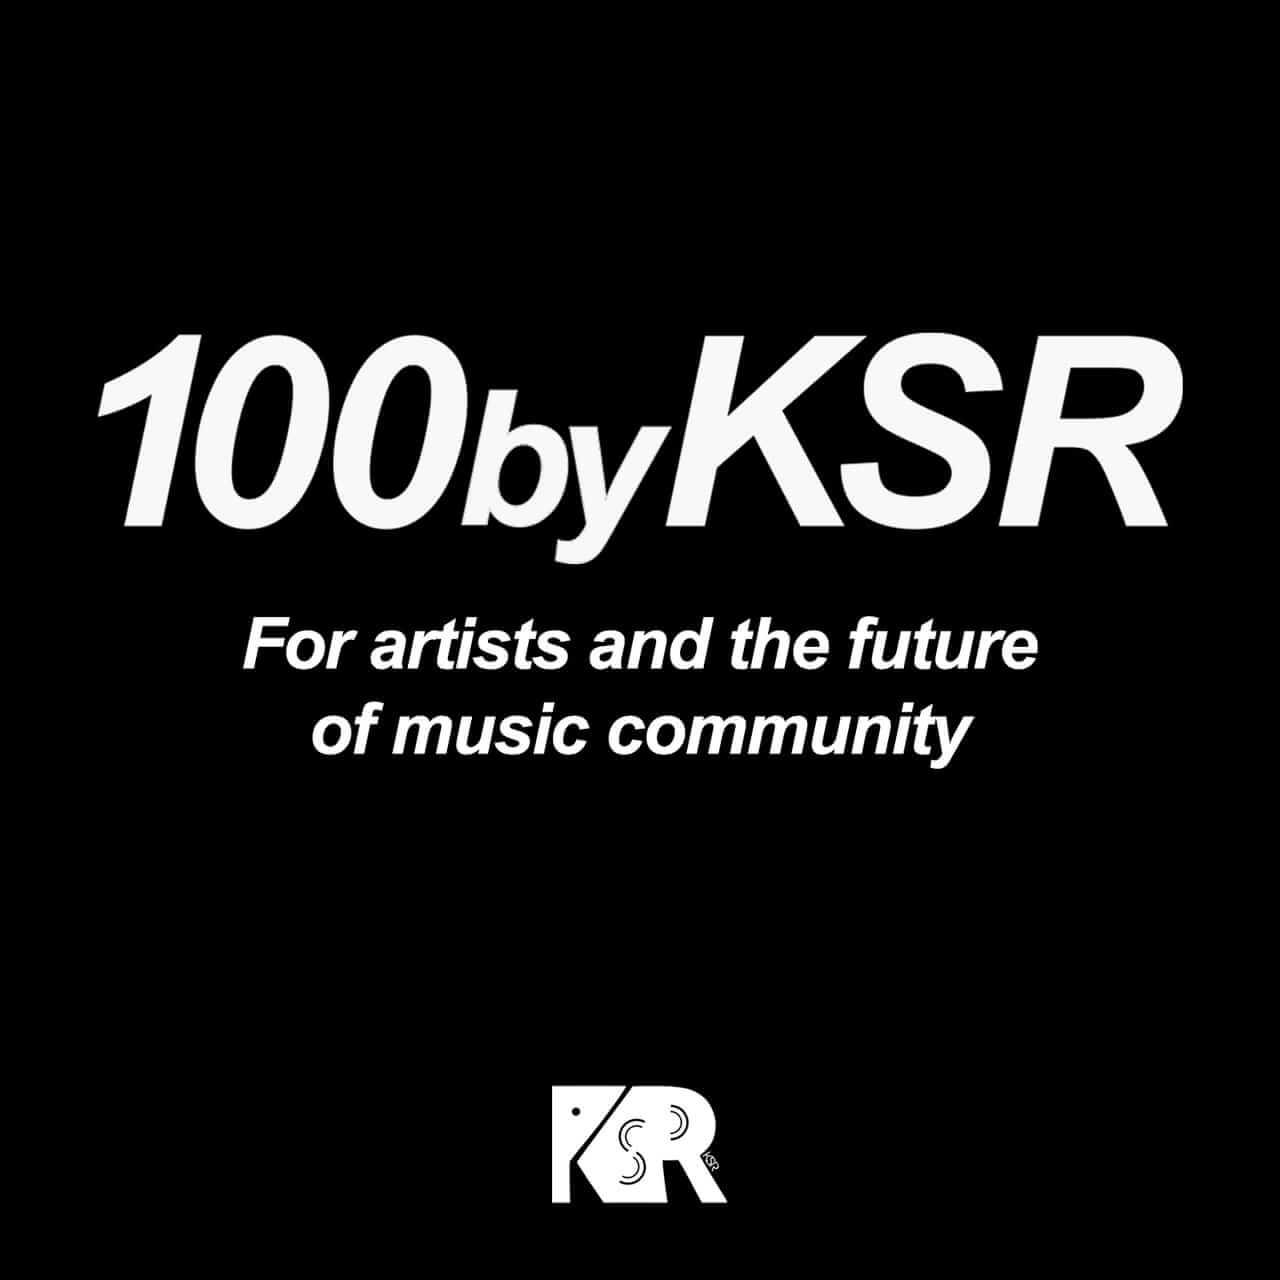 アーティスト支援プロジェクト「100byKSR」スタート、採用楽曲に制作費15万円を当月支給